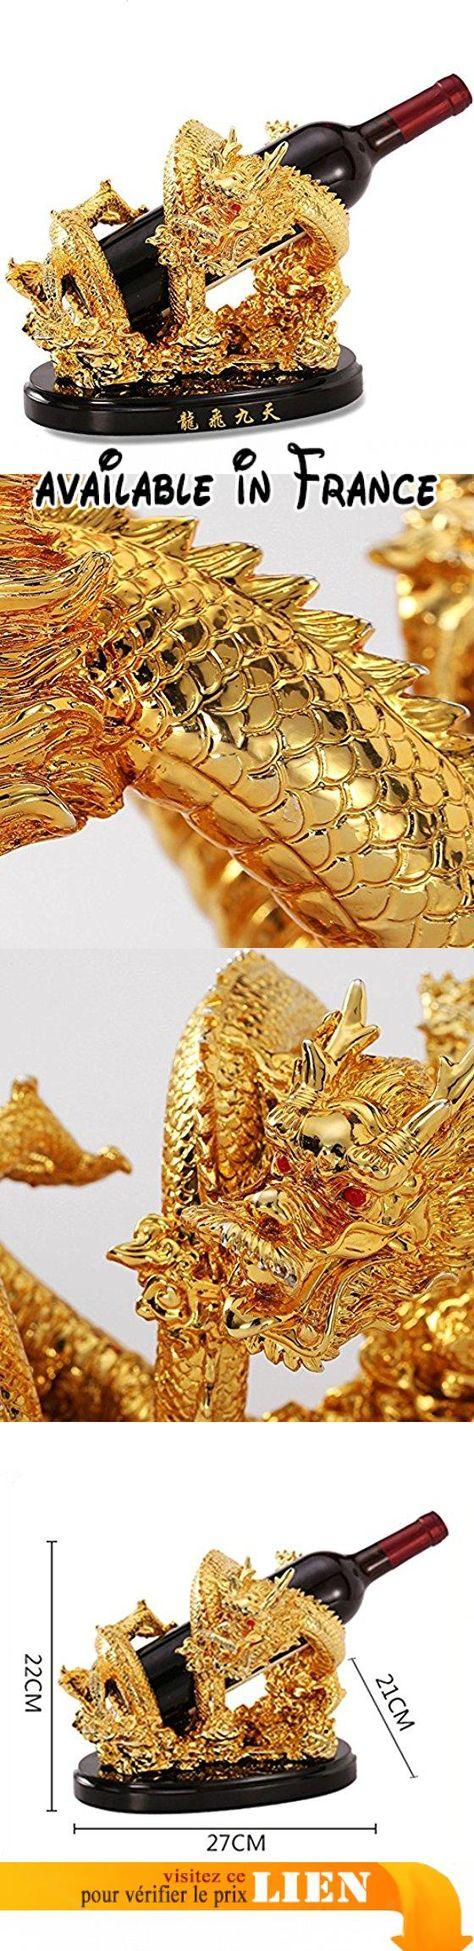 Feifei Porte Bouteilles En Resine Forme De Dragon Creative Vin